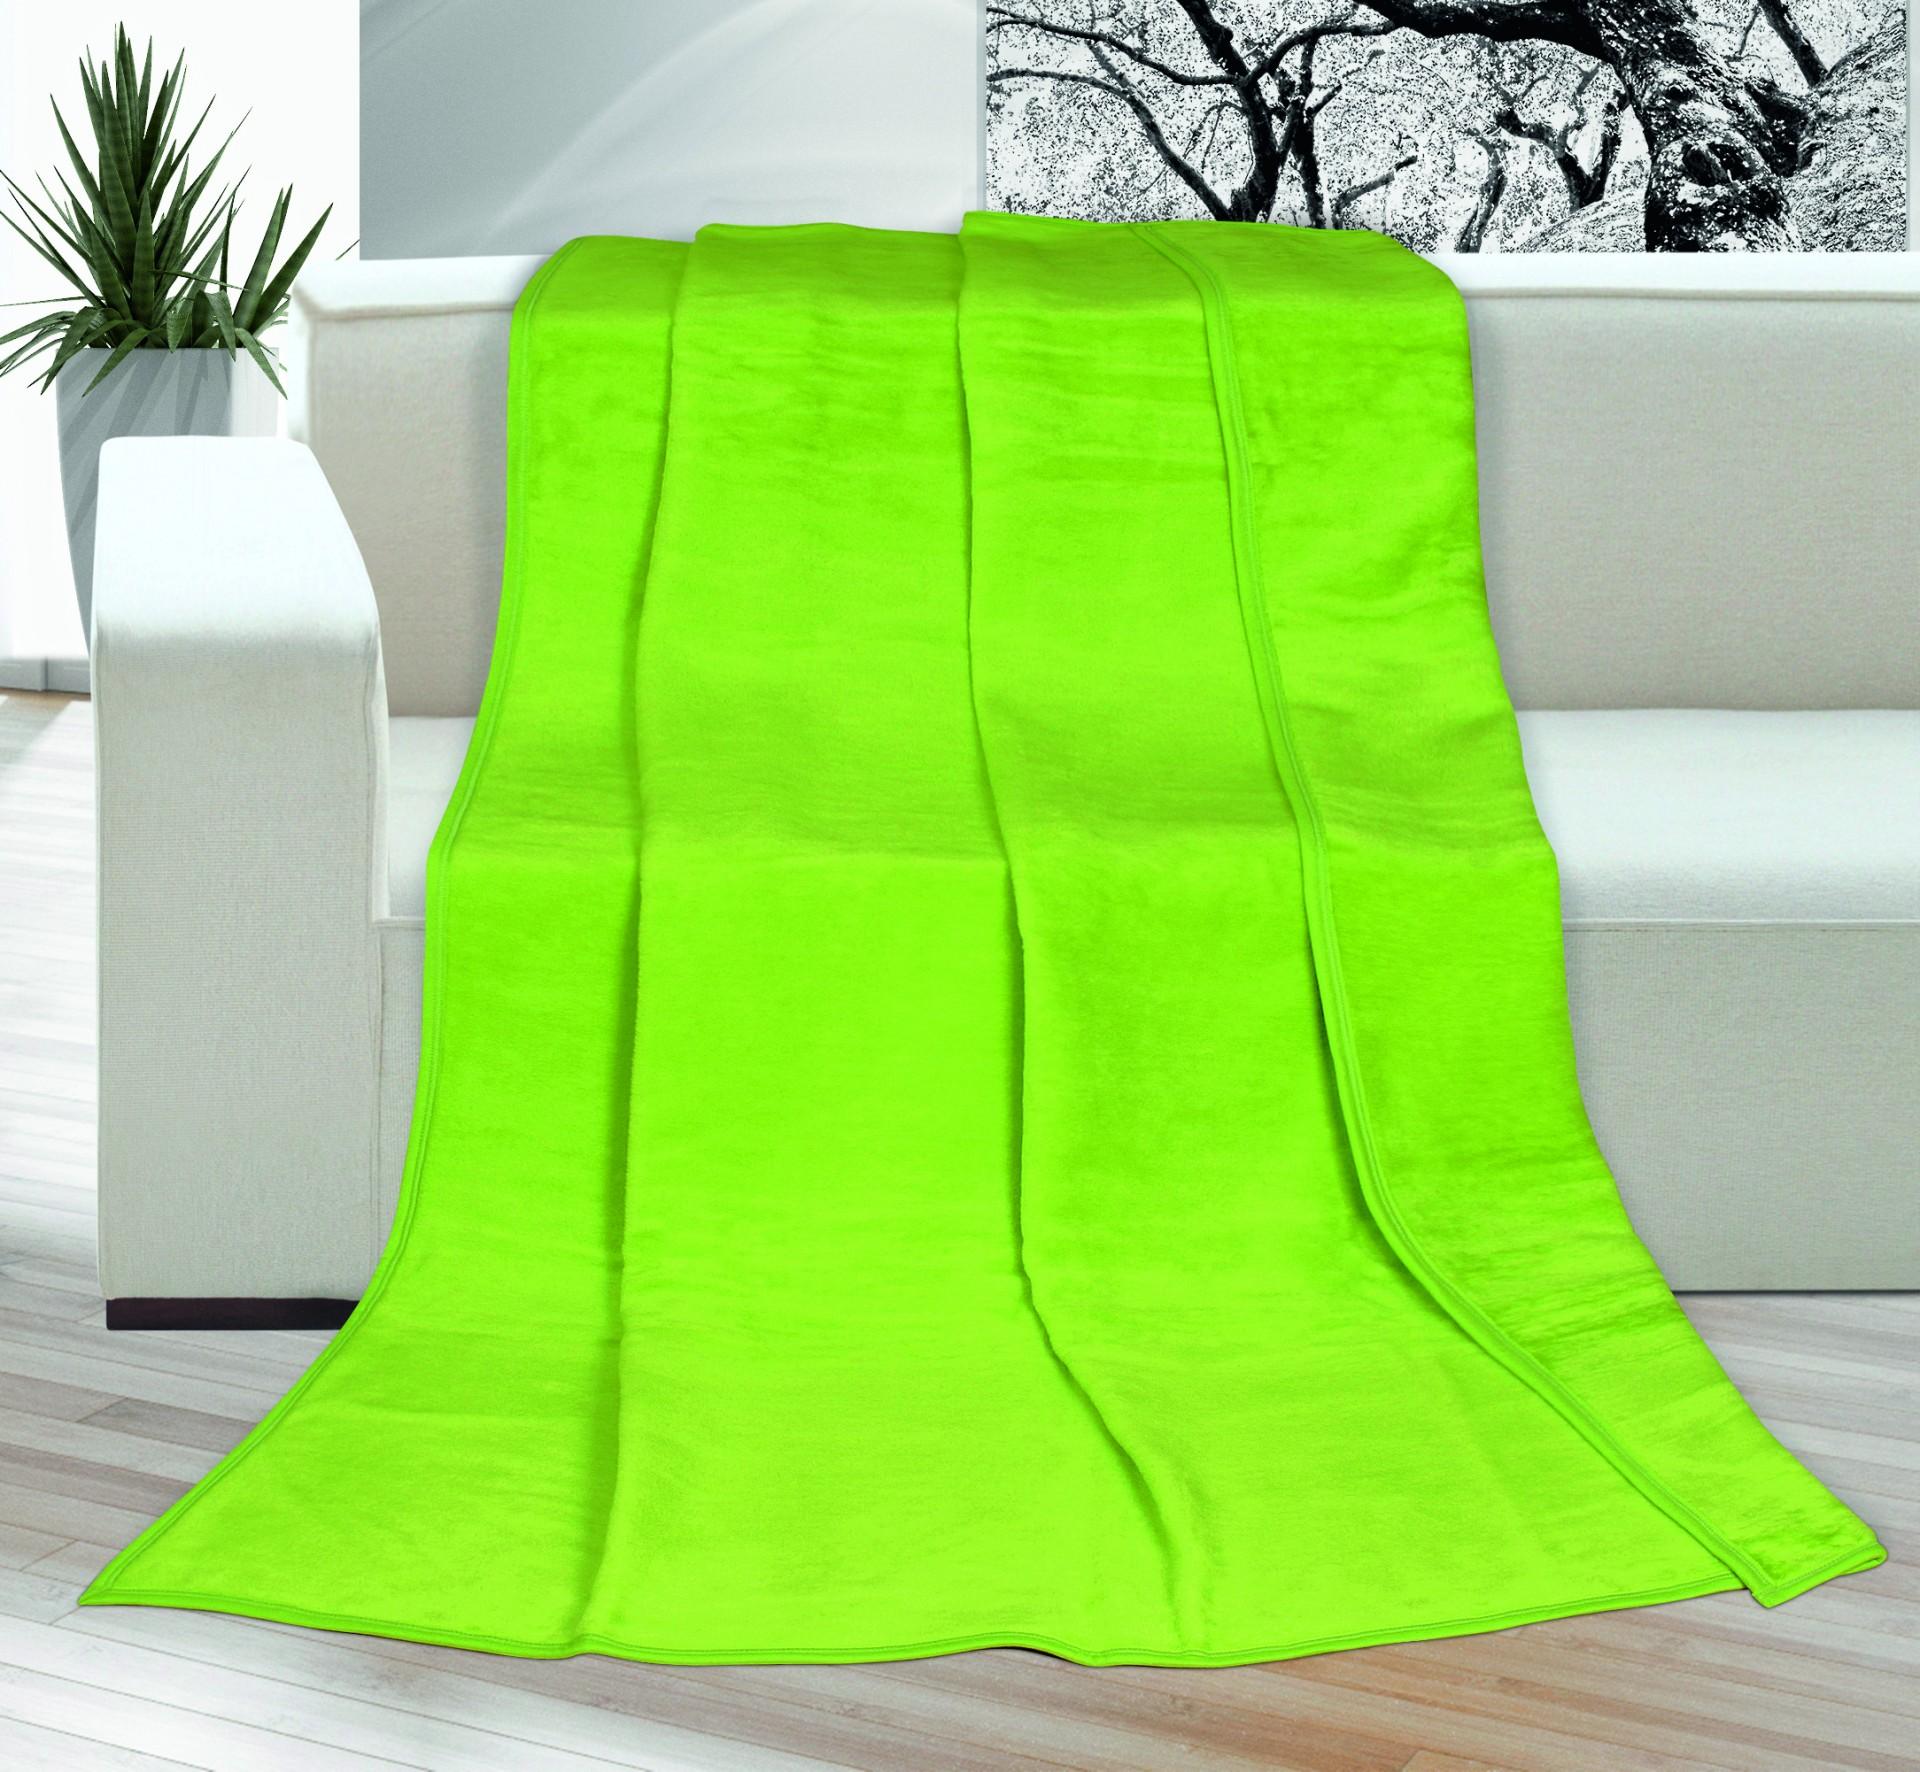 Deka Kira PLUS jednolůžko 150x200cm světle zelená